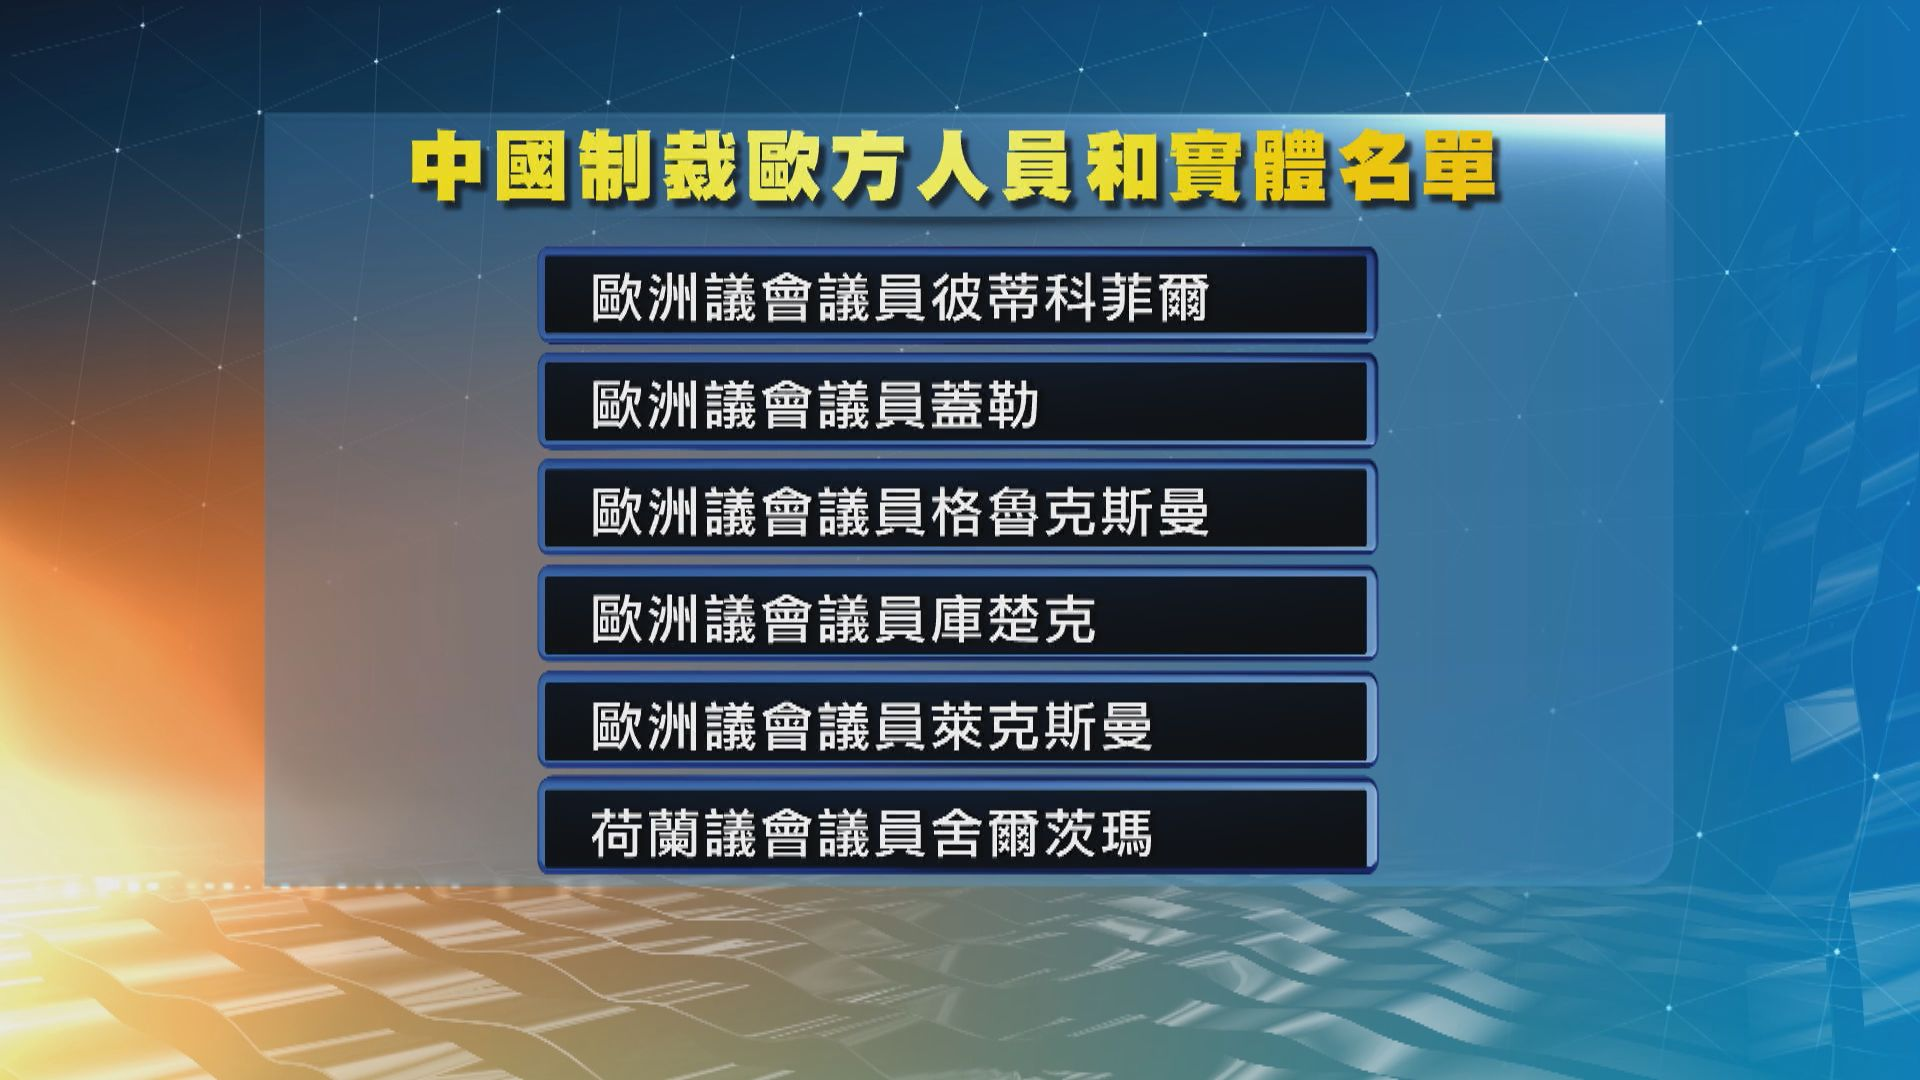 中國宣布反制措施 制裁歐方十名人員及四個實體